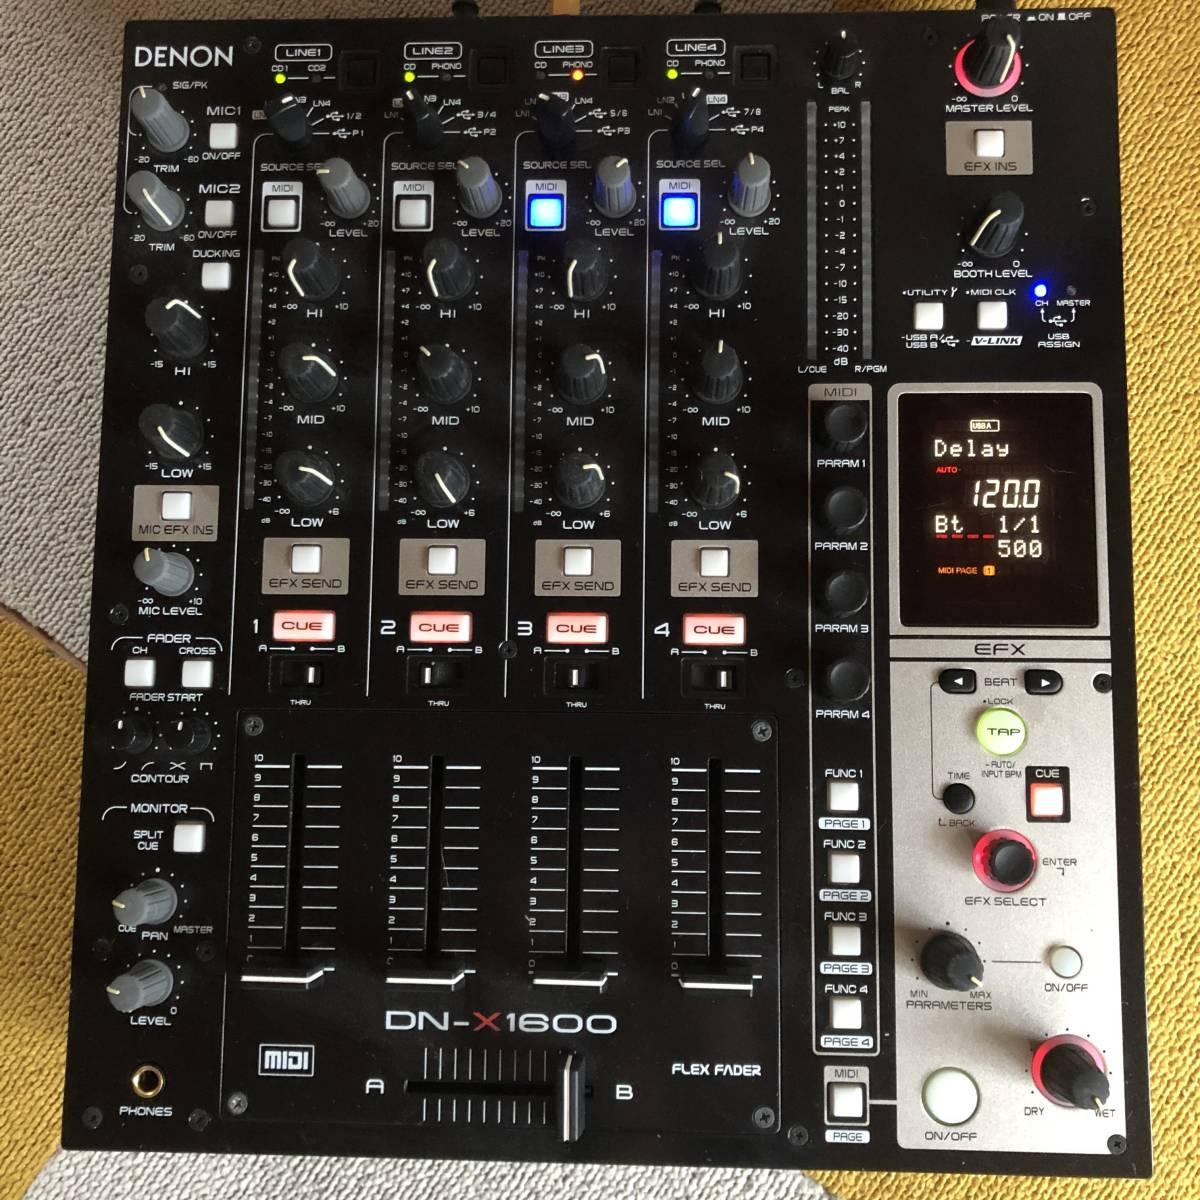 完動品 DENON デノン DN-X1600 プロフェッショナル 4ch DJミキサー